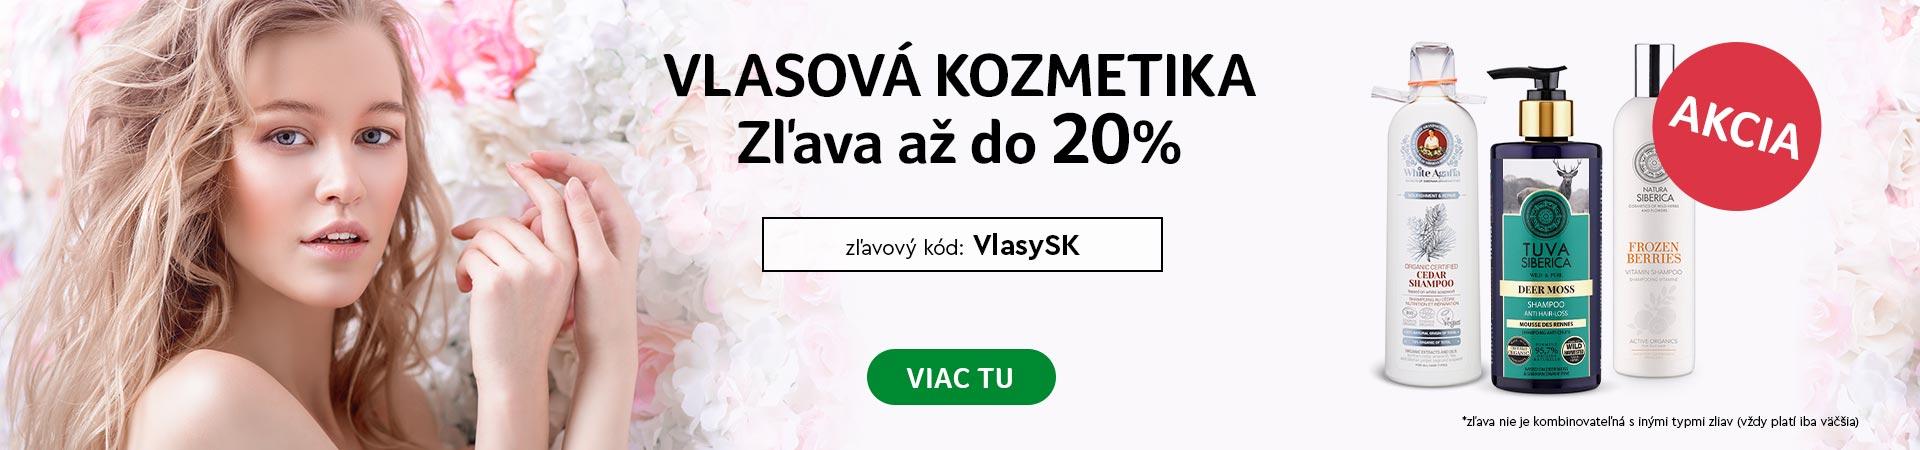 20% zľava na vlasovú kozmetiku do 09.07.2020